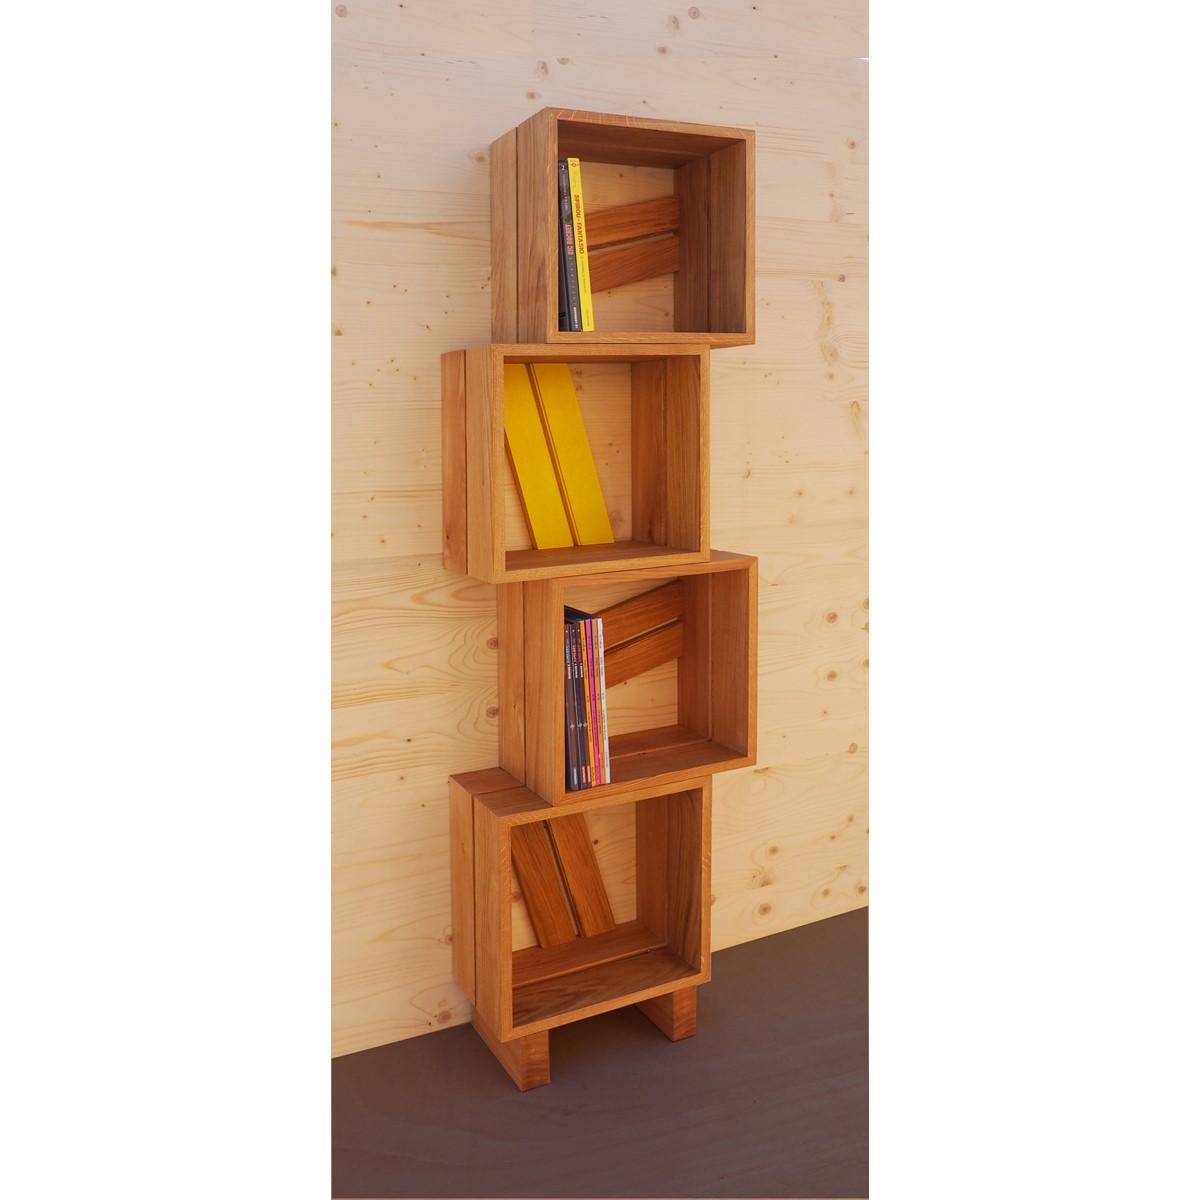 Meuble biblioth que modulable 4 casiers bois et couleur - Meuble cube modulable ...